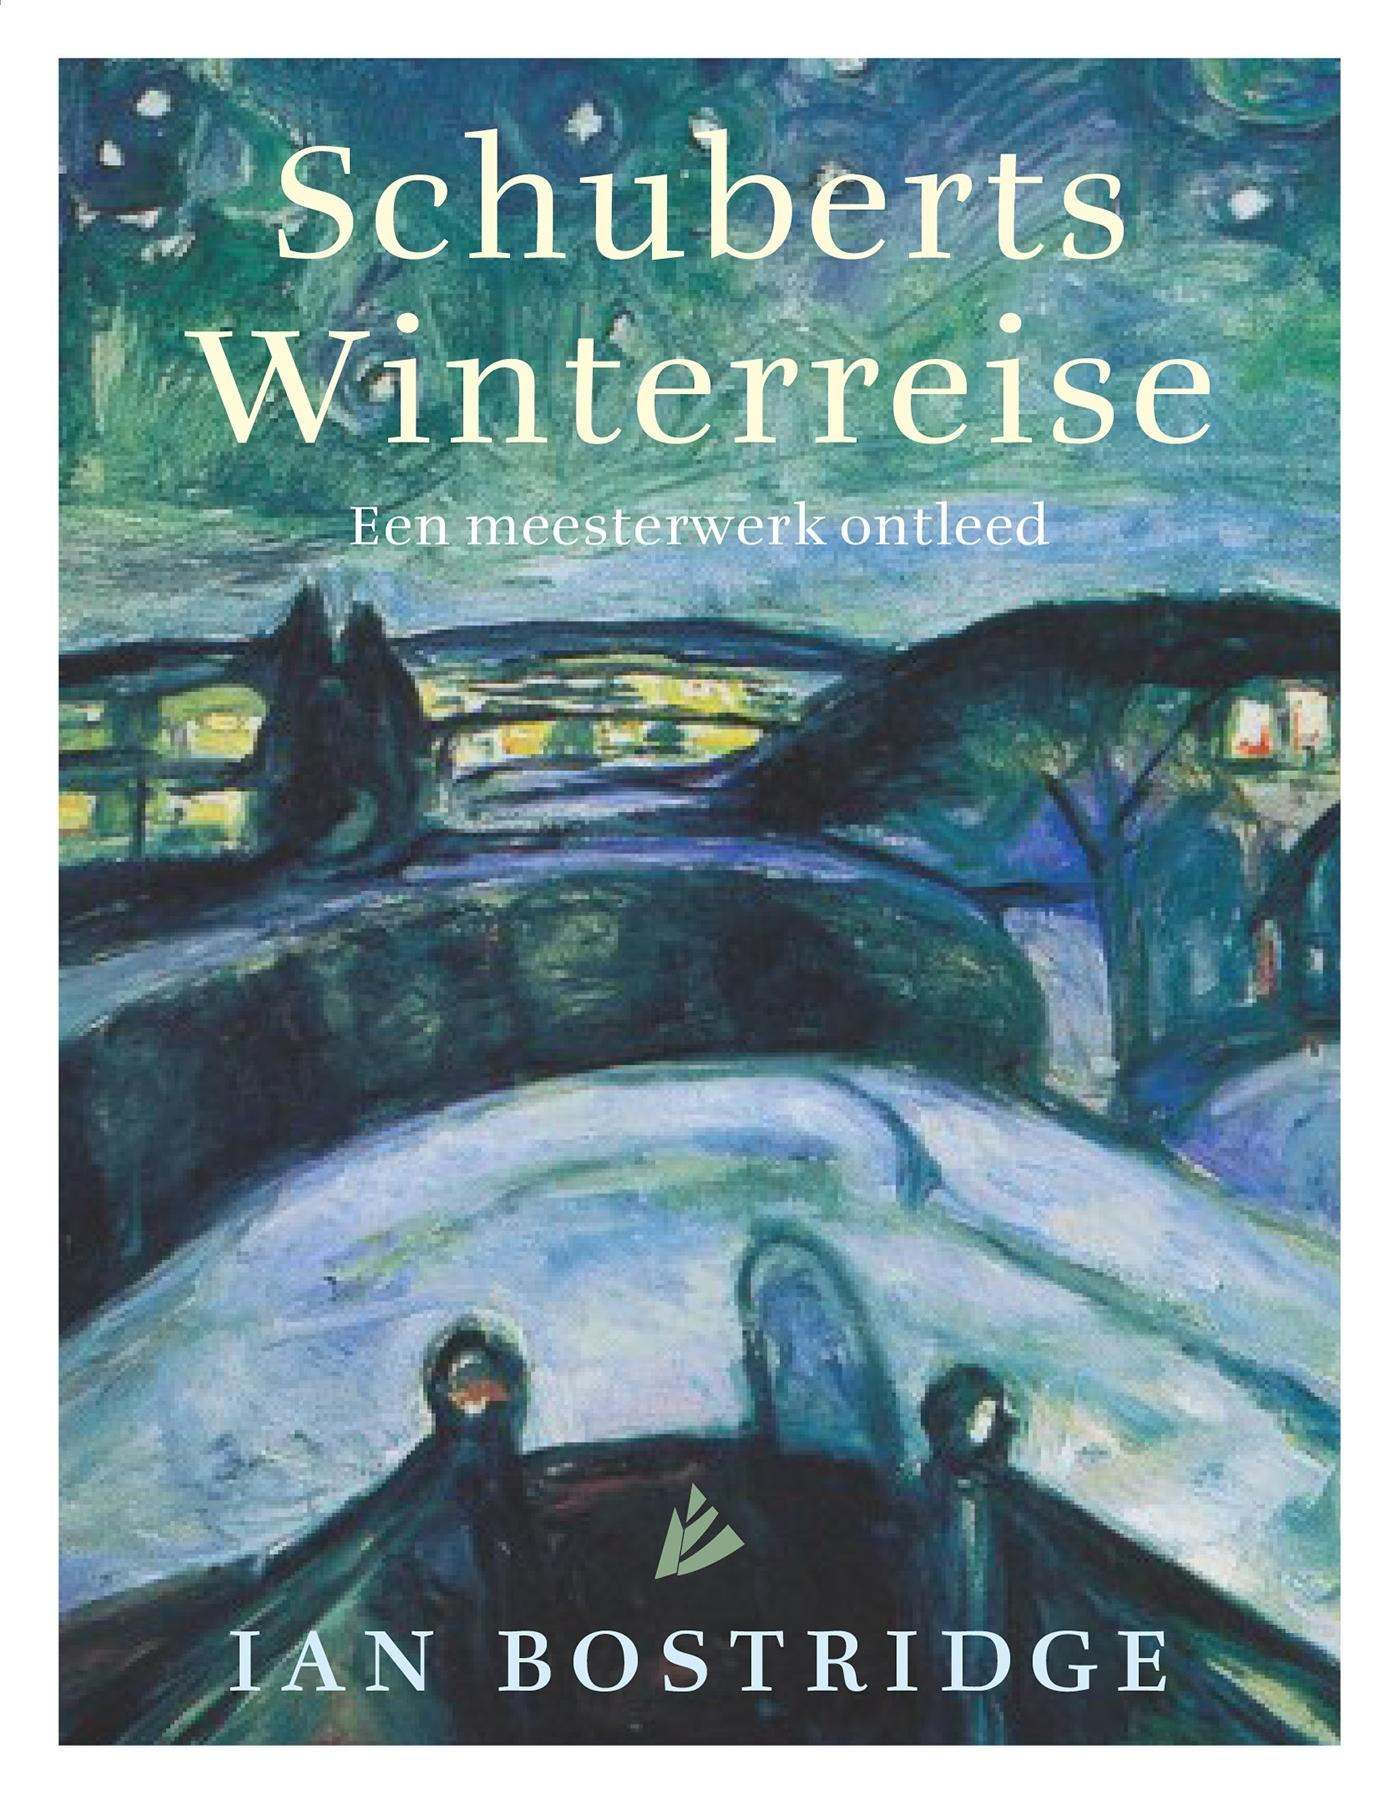 Schuberts Winterreise – Ian Bostridge